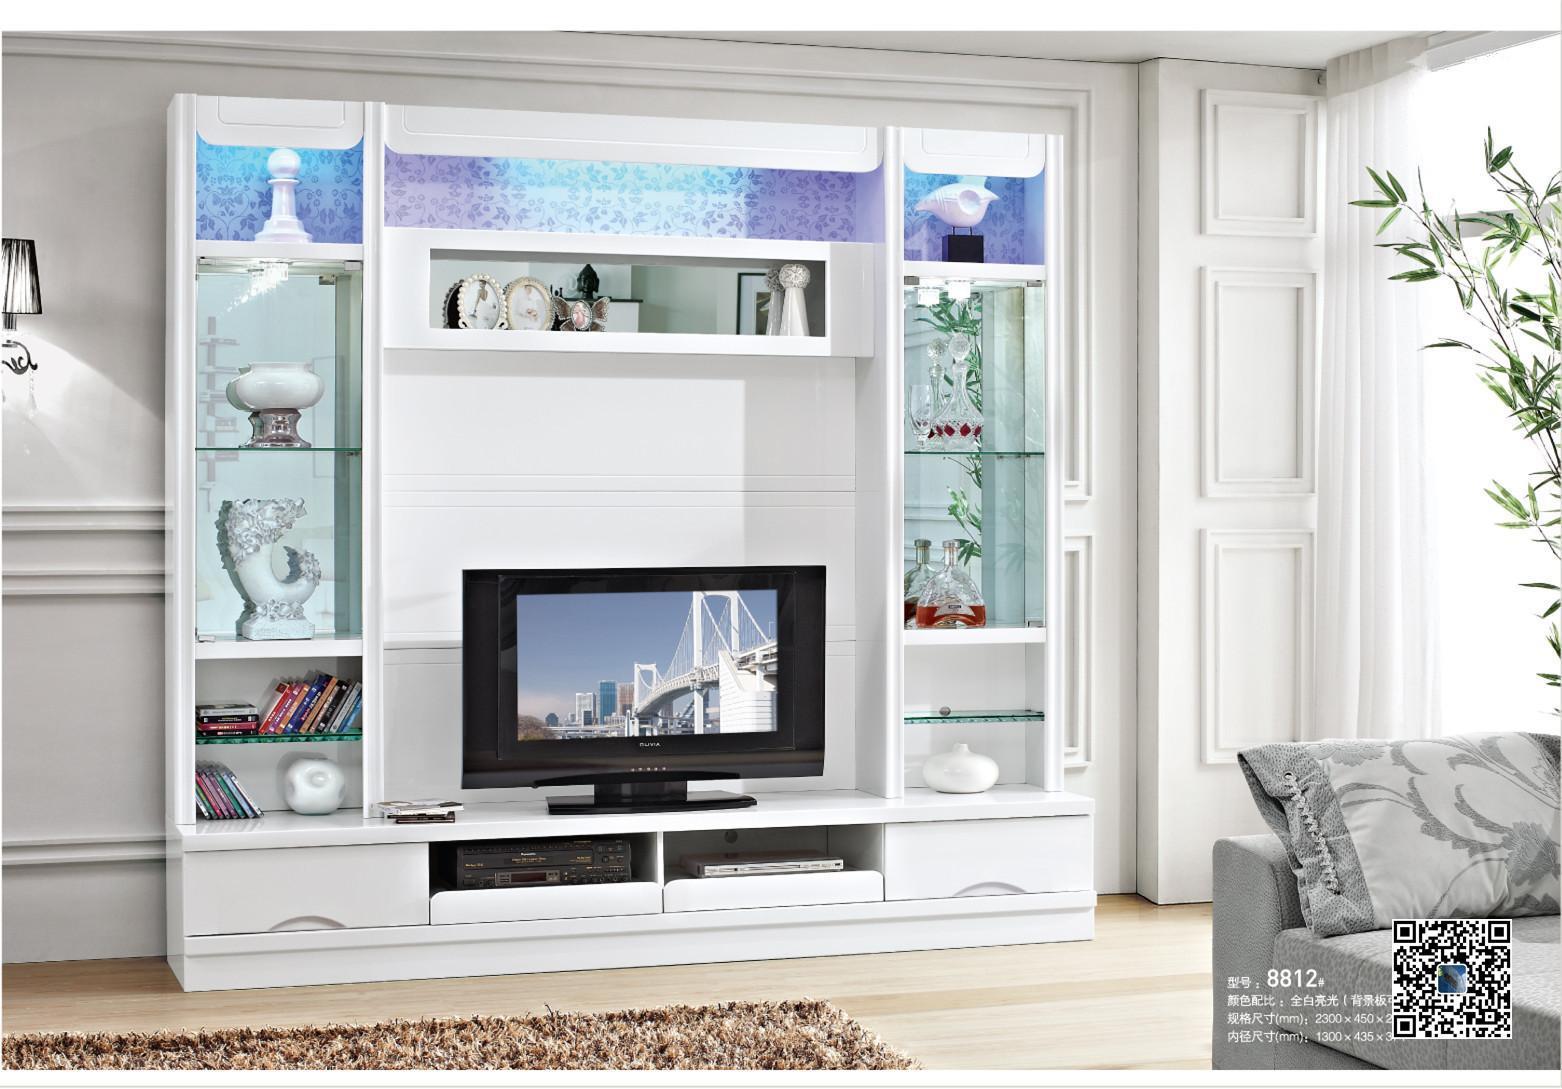 Madera muebles para la sala de tv gabinete p11 madera for Muebles para sala de tv